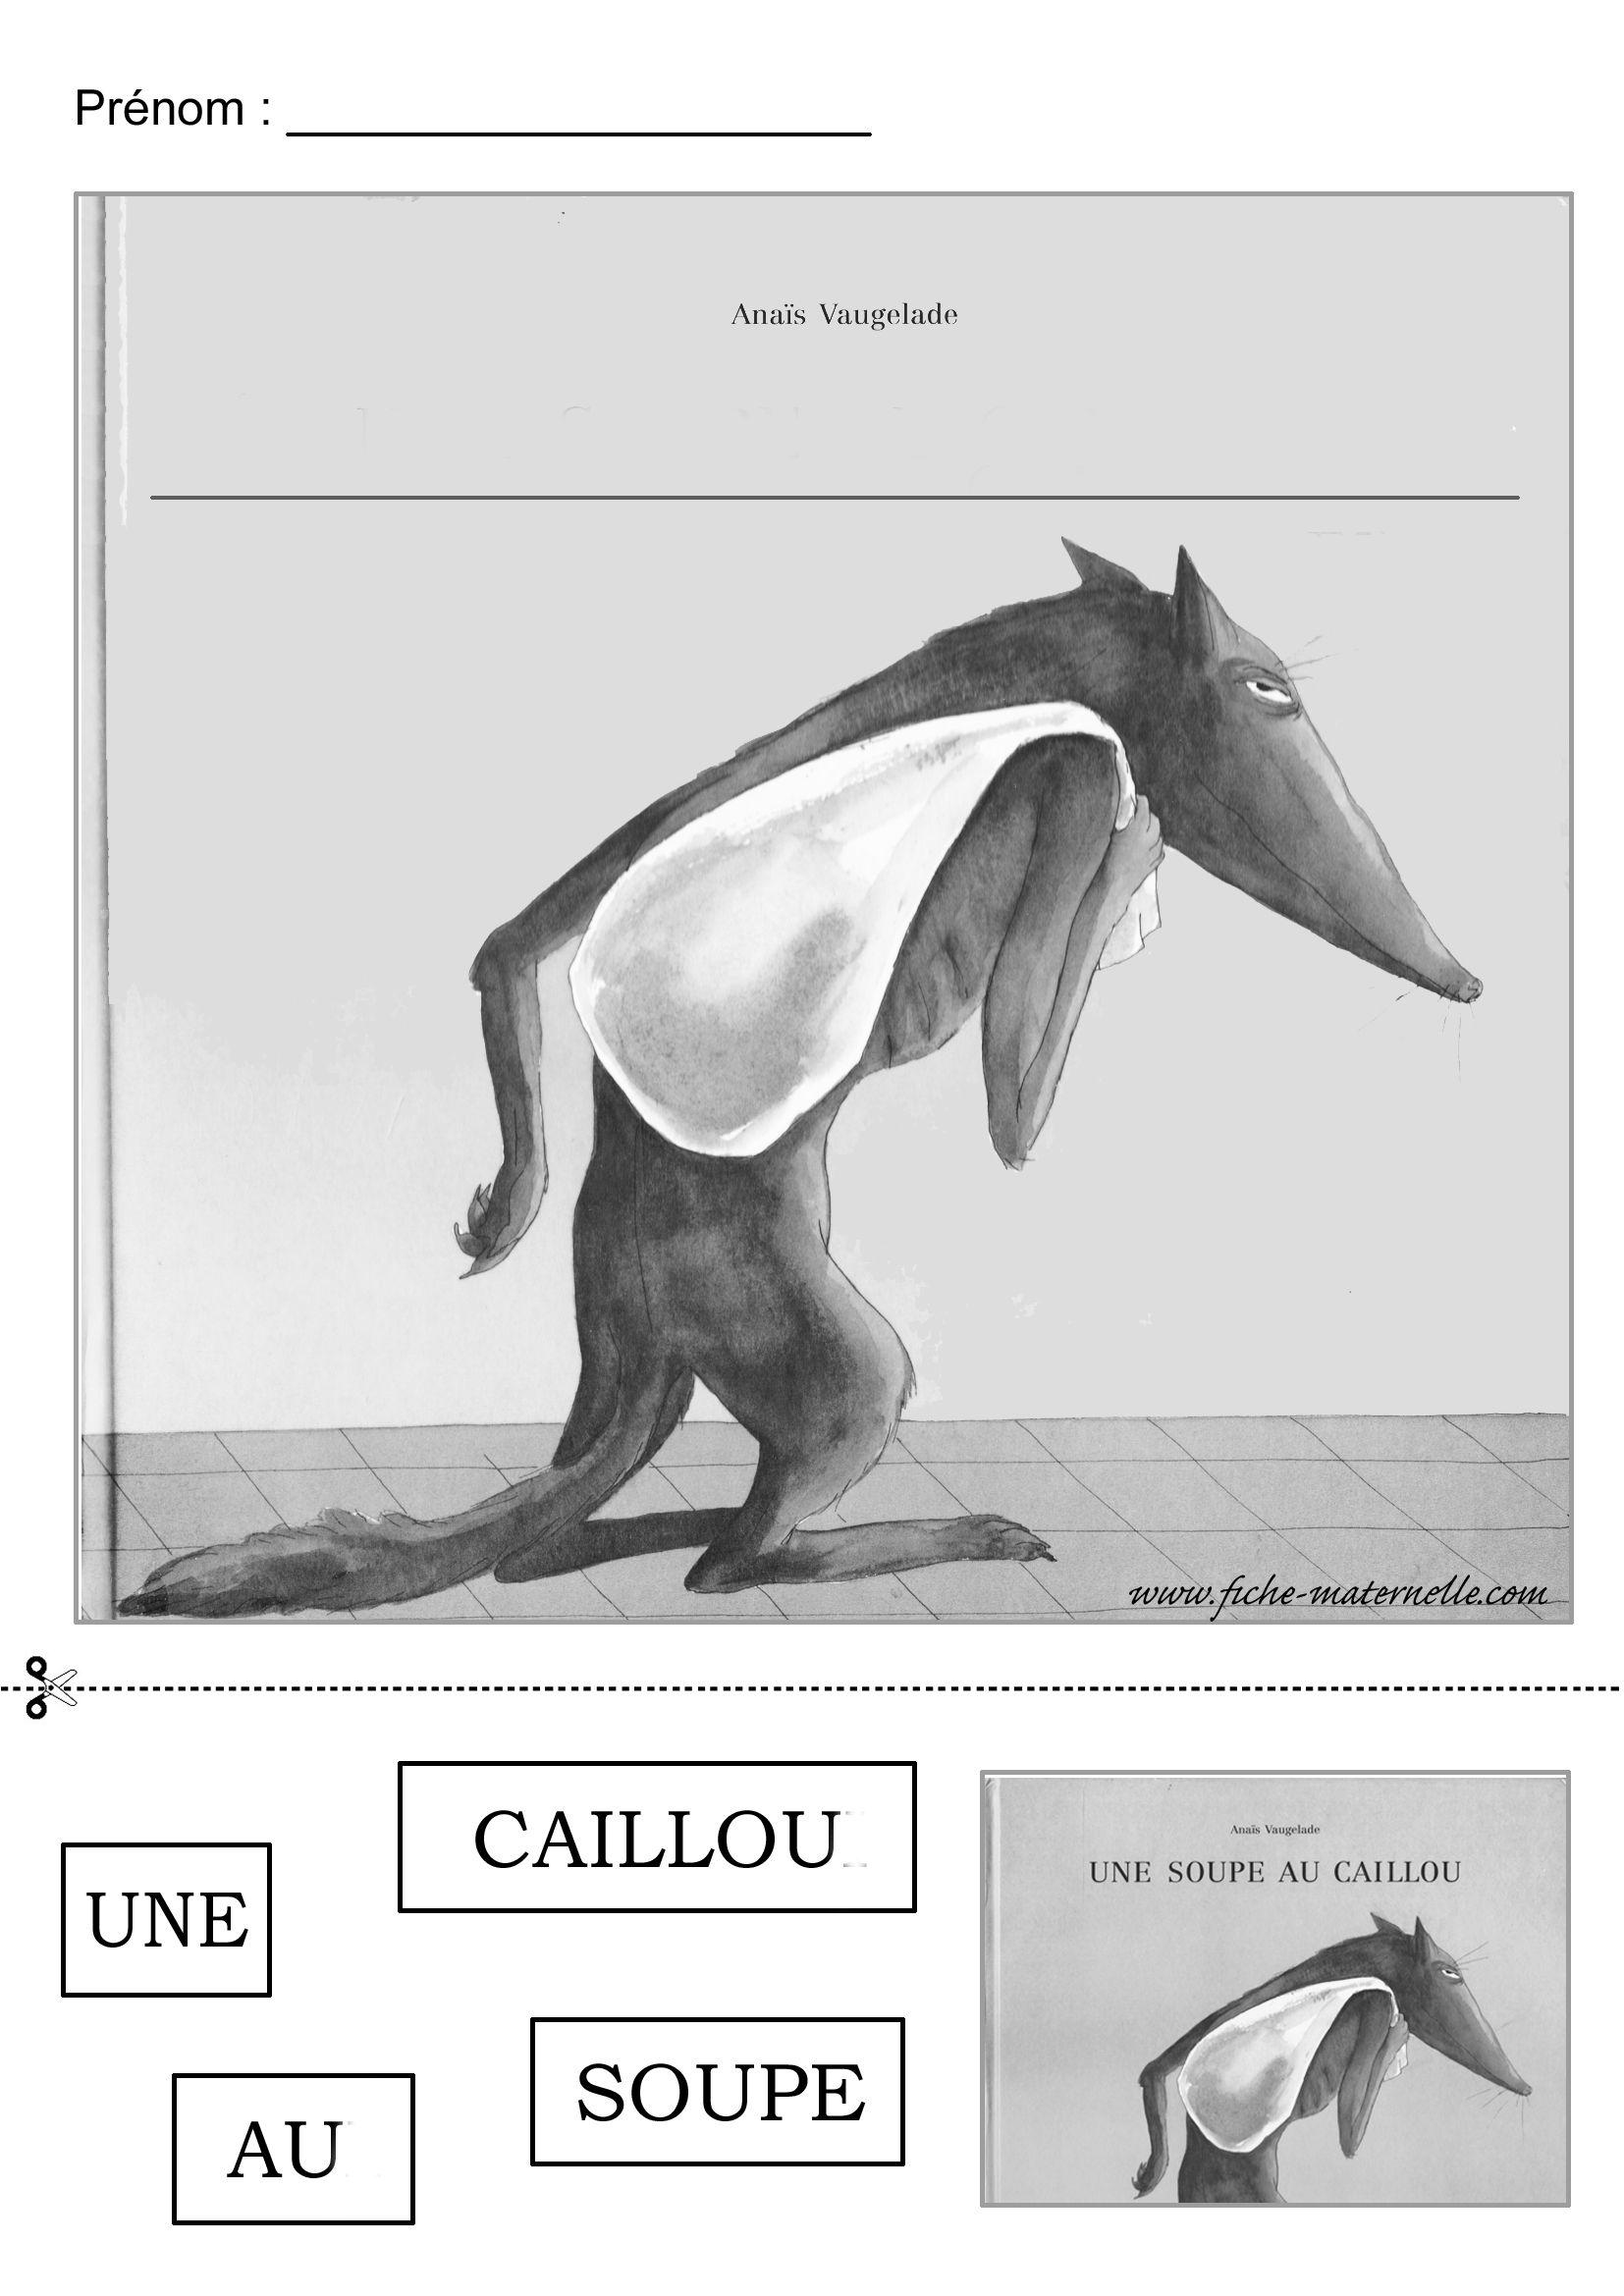 La Soupe Au Caillou Maternelle : soupe, caillou, maternelle, Soupe, Caillou, Travailler, Phrase., Cailloux,, Thème, Maternelle,, Maternelle